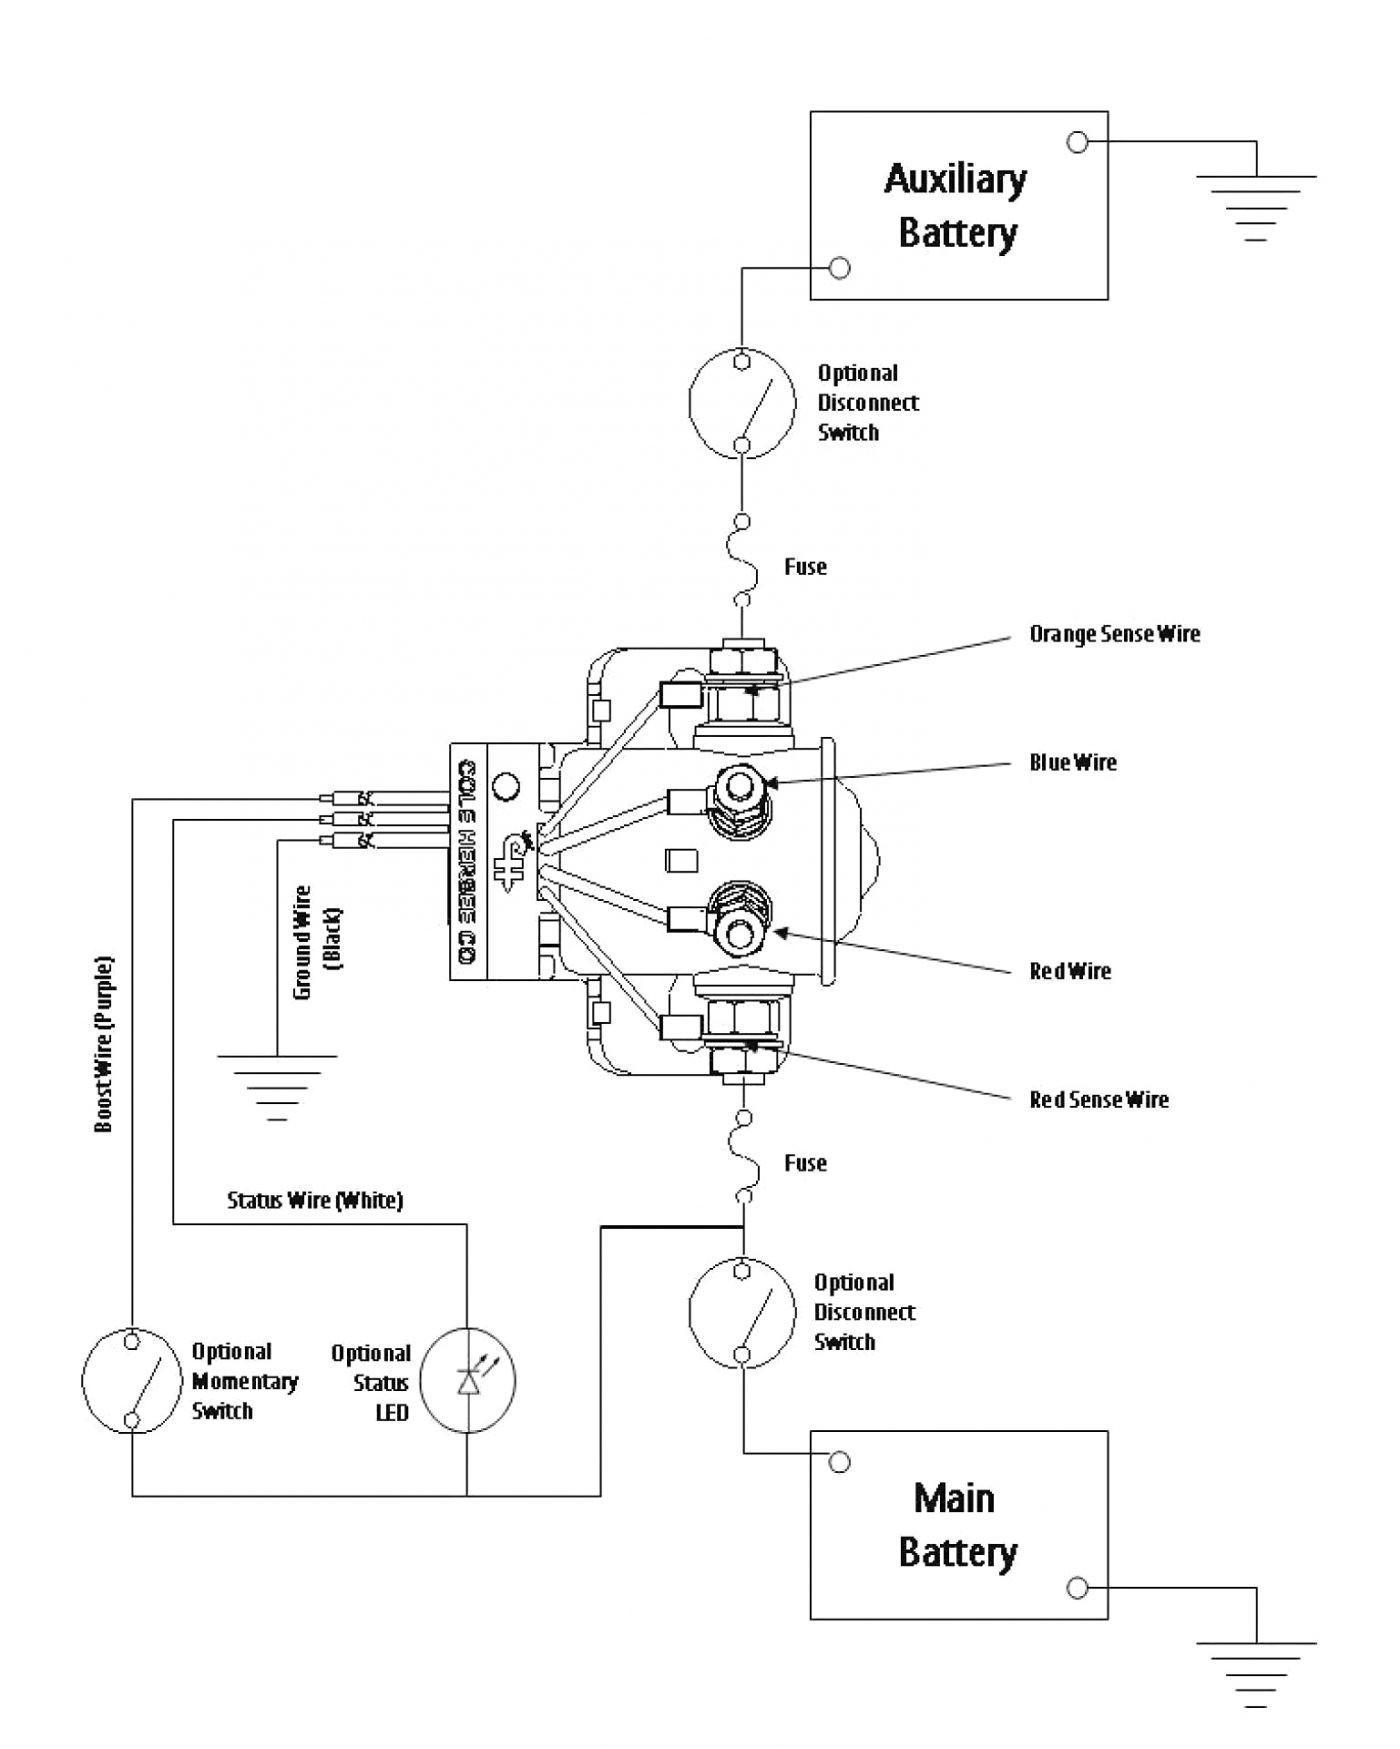 1990 Club Car Battery Wiring Diagram 36 Volt 2018 Wiring Diagram 1995 Club Car Battery Diagram 1990 Club Car 36 Volt Wiring Diagram